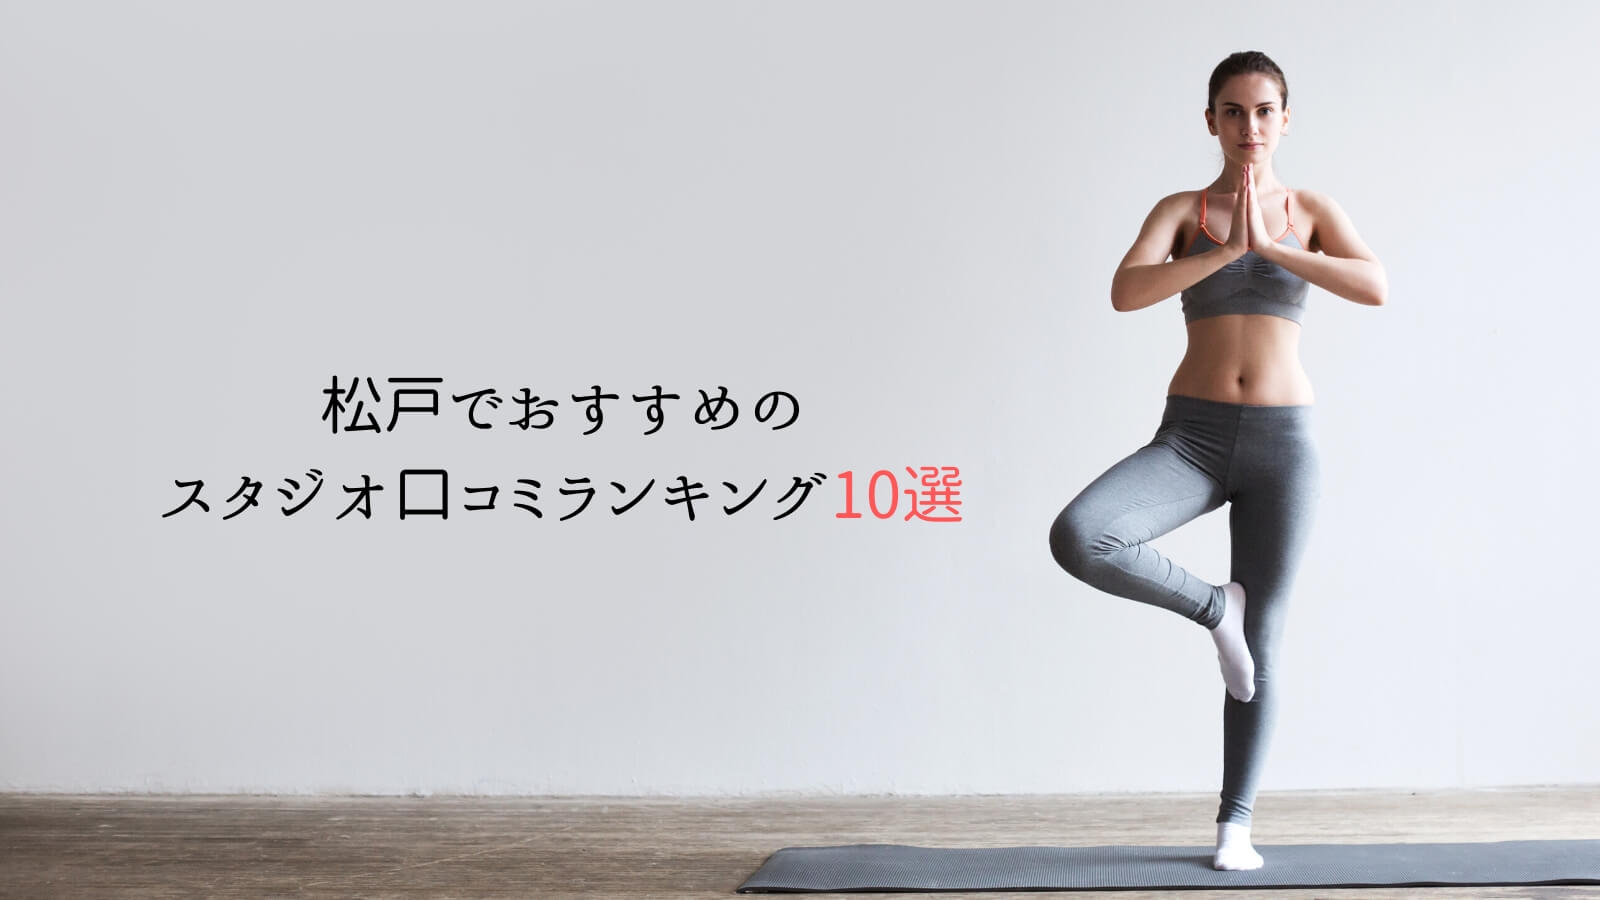 松戸でおすすめのヨガ・ホットヨガスタジオ口コミランキング10選